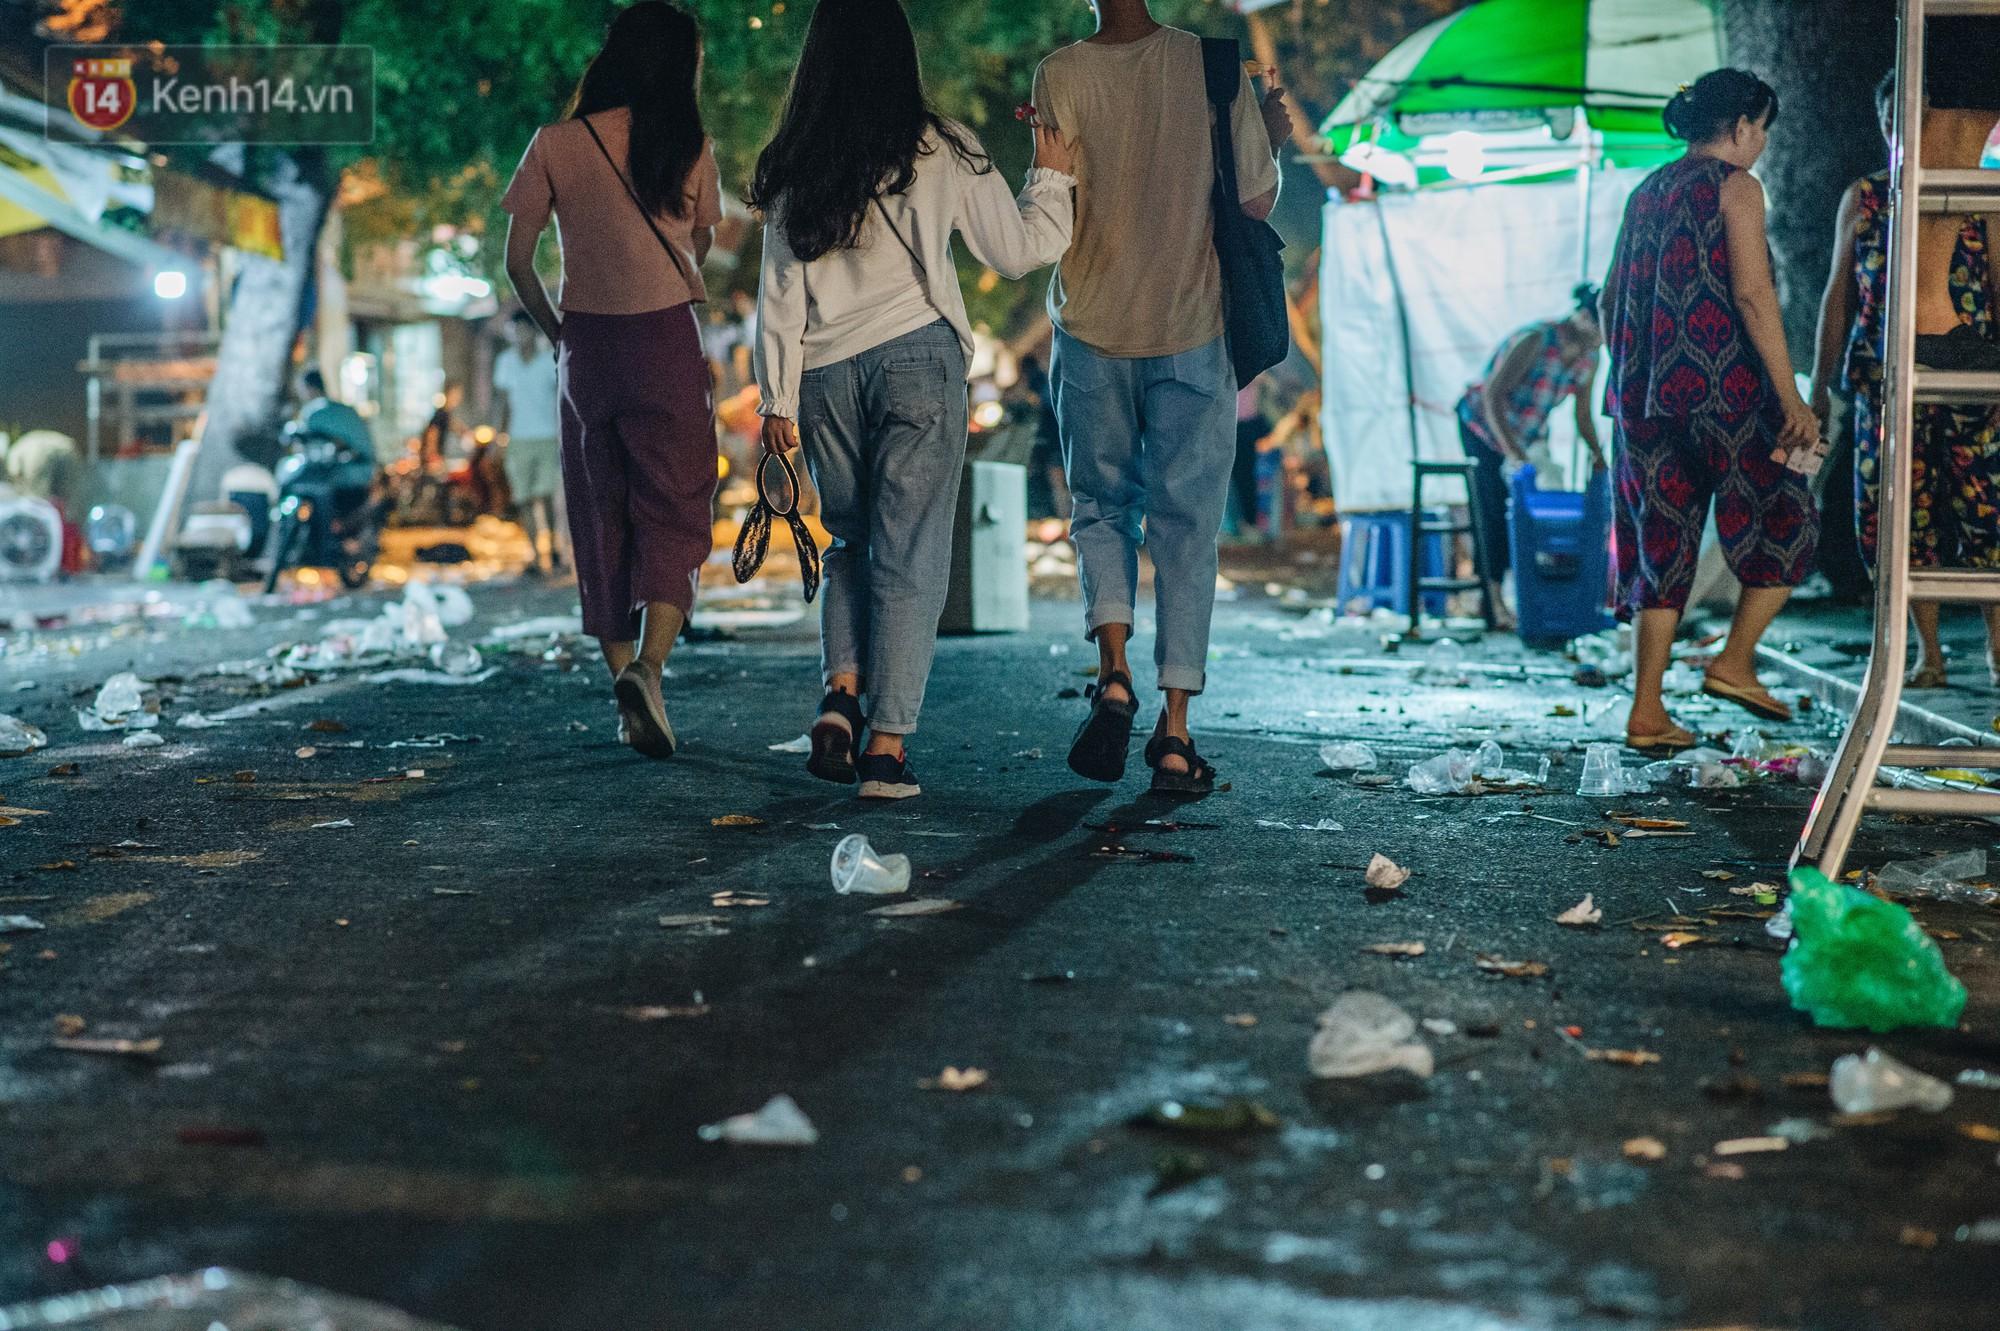 Sau Trung Thu, chợ truyền thống ở Hà nội ngập trong rác thải - Ảnh 11.